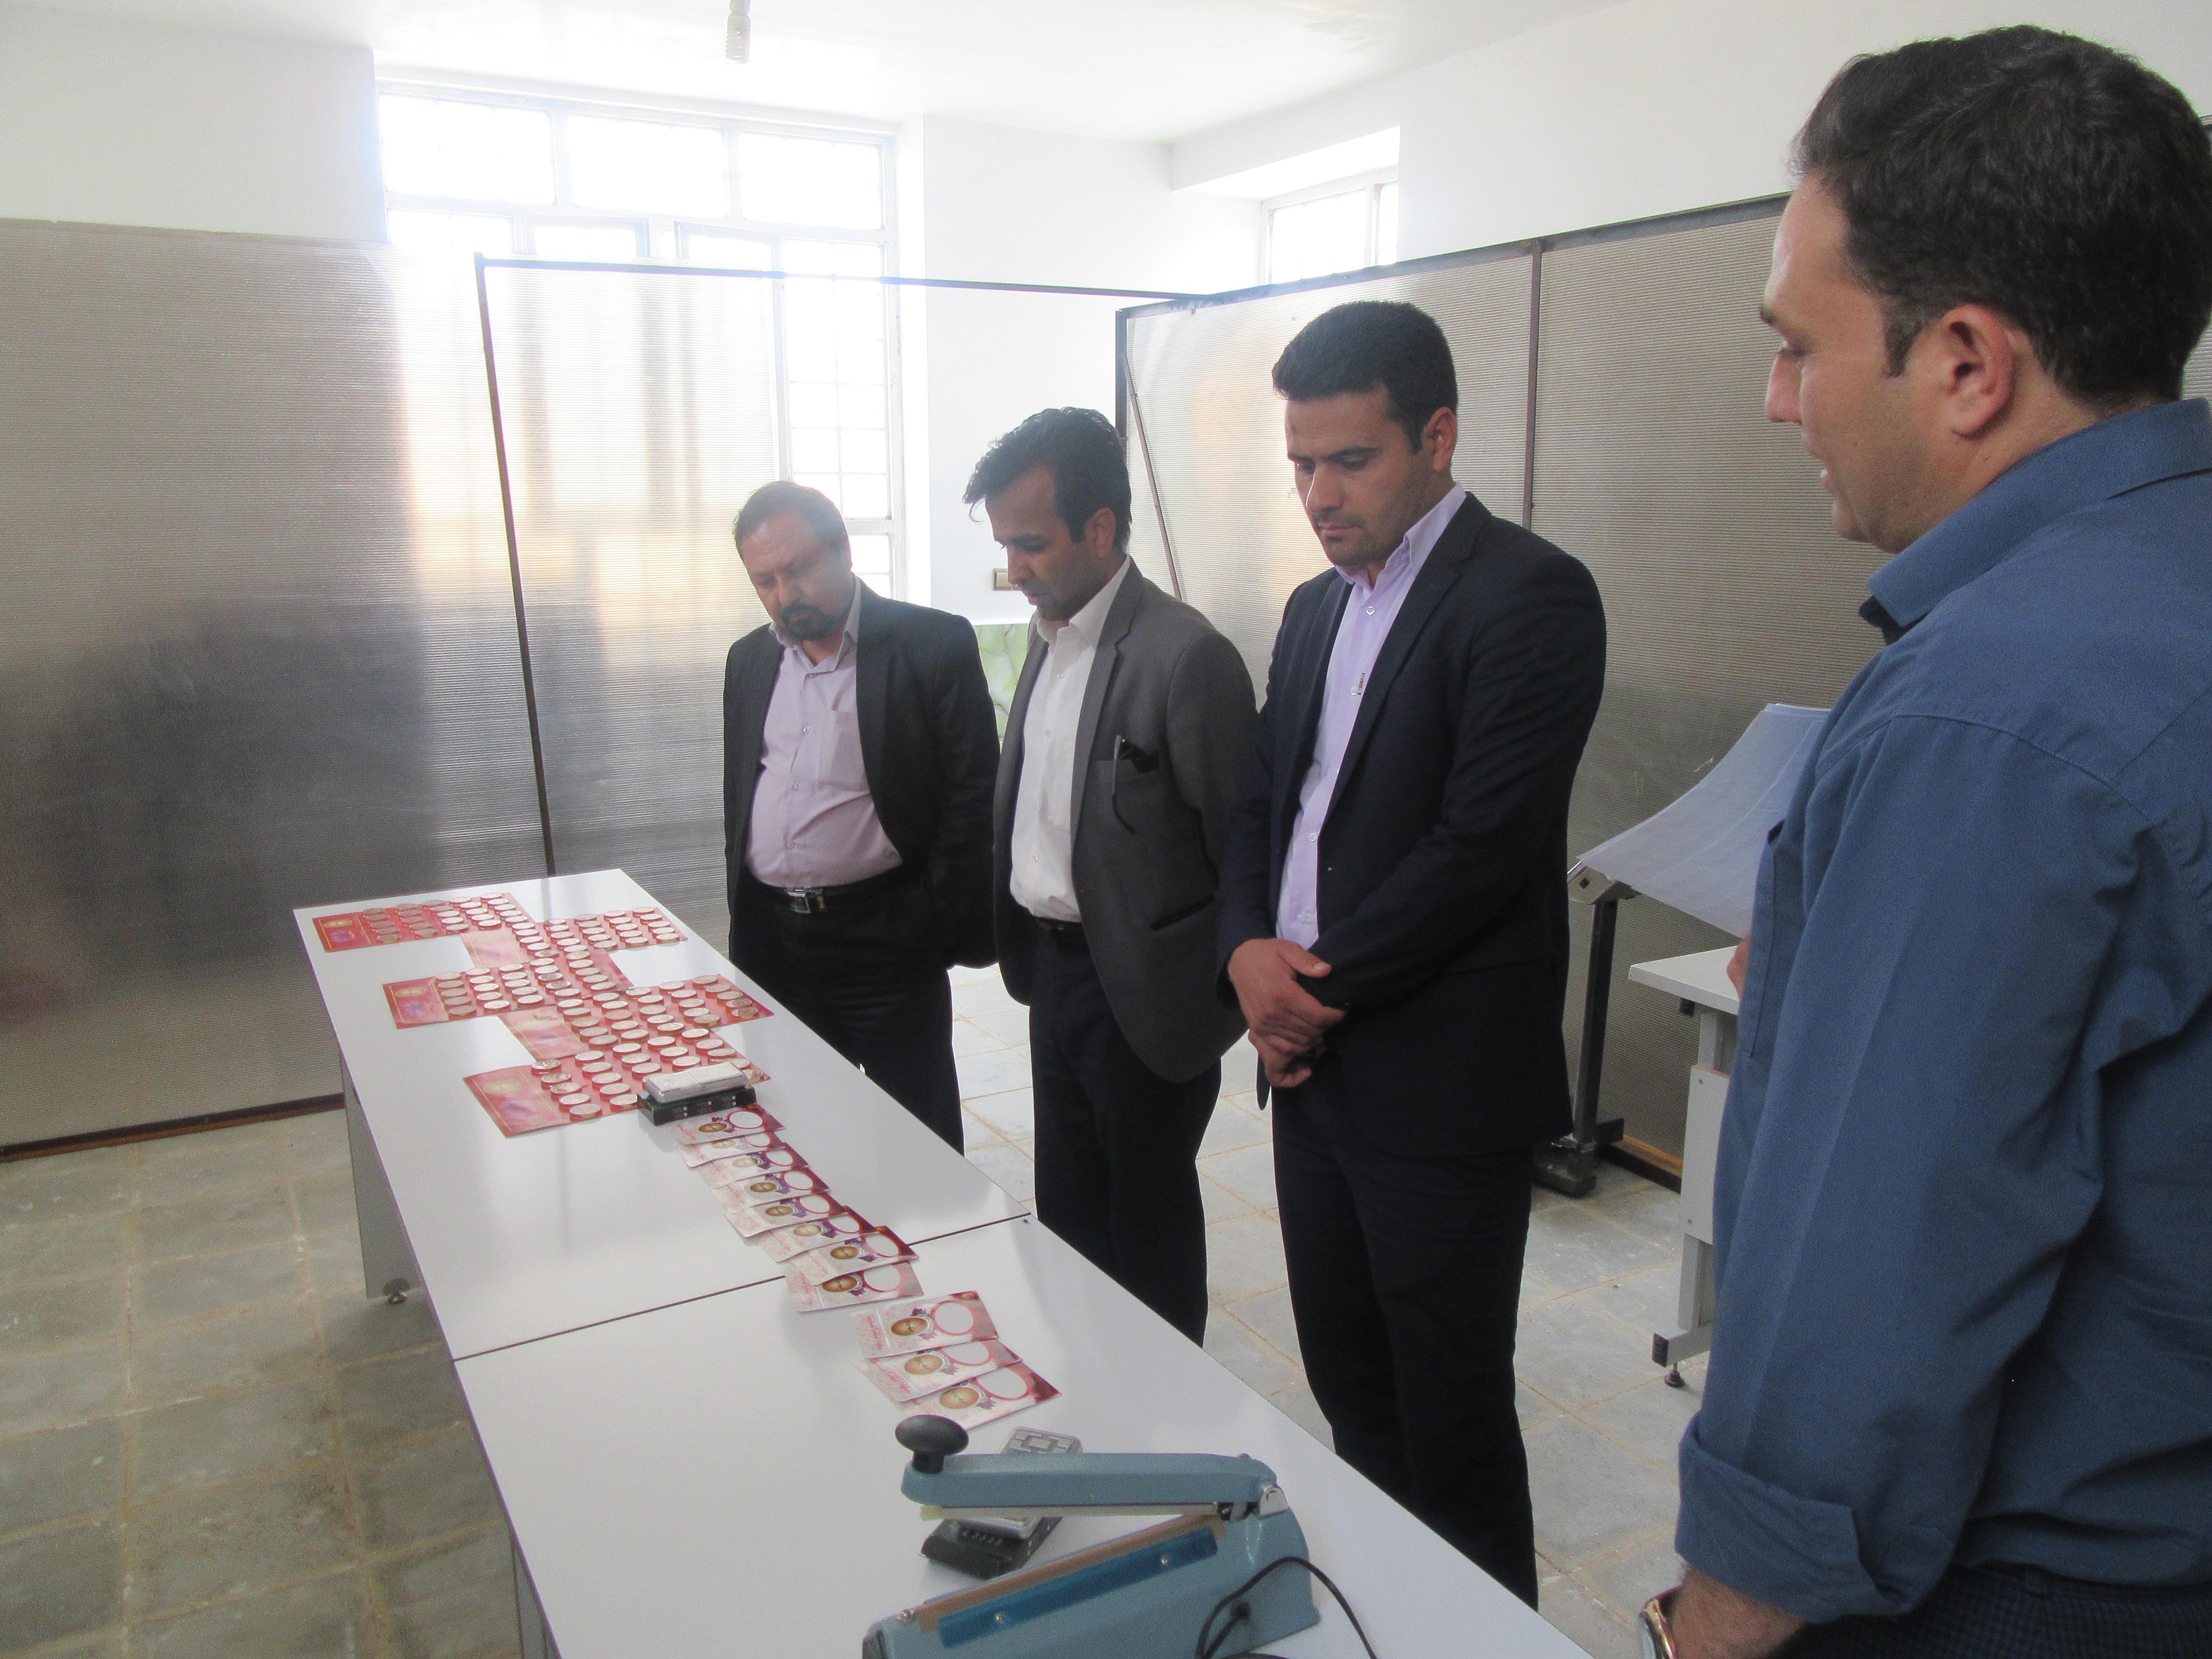 در قالب طرح مثلث توسعه اقتصادی از دو طرح کارگاه تولید پوشاک حریر سنگان و شرکت تعاونی بسته بندی زعفران روستای احمد آباد بازدید بعمل آمد.